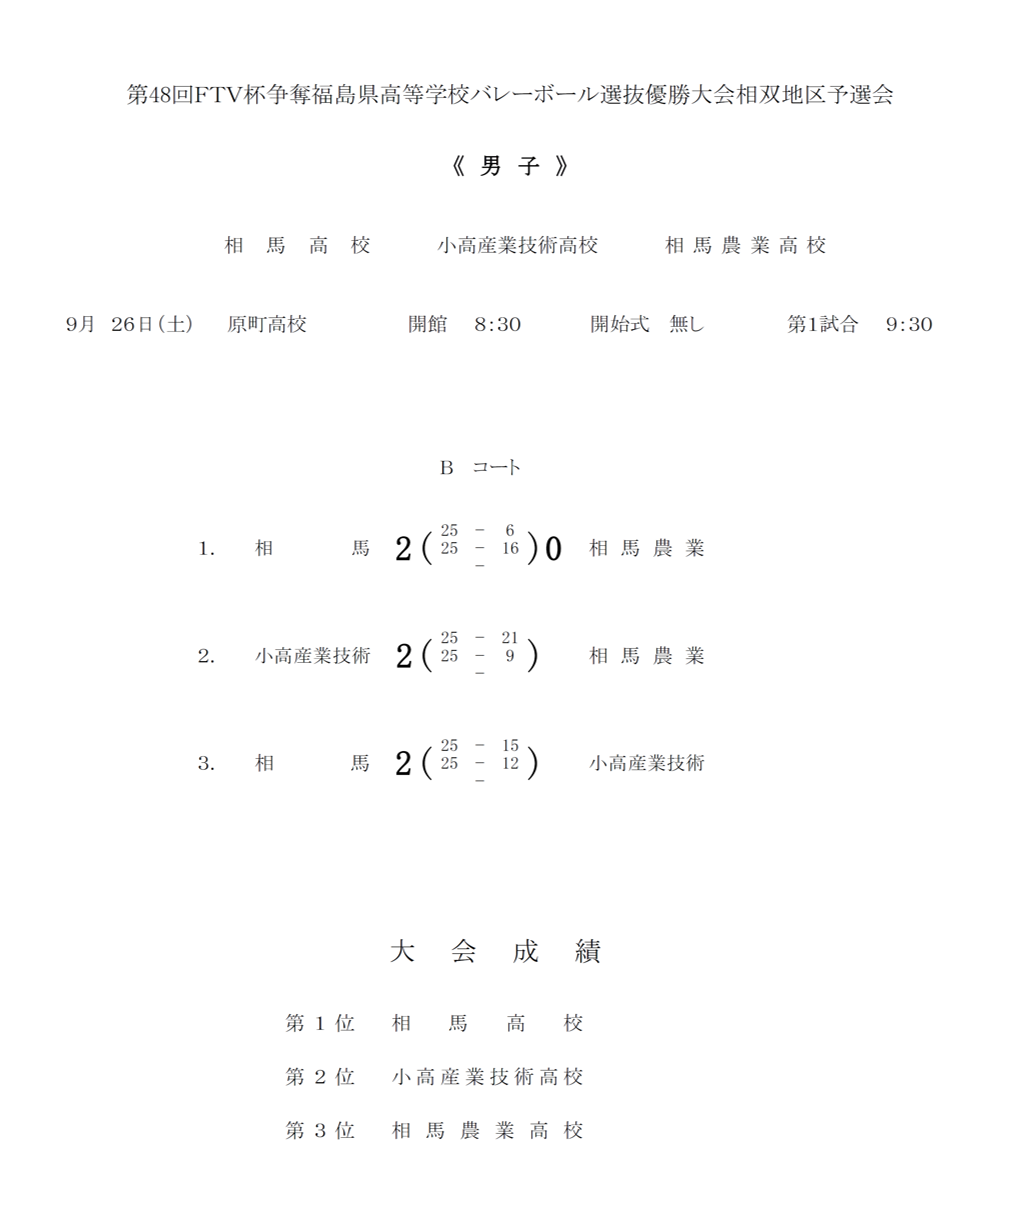 2020年度_全日本高校選手権_福島予選_相双地区_男子_結果